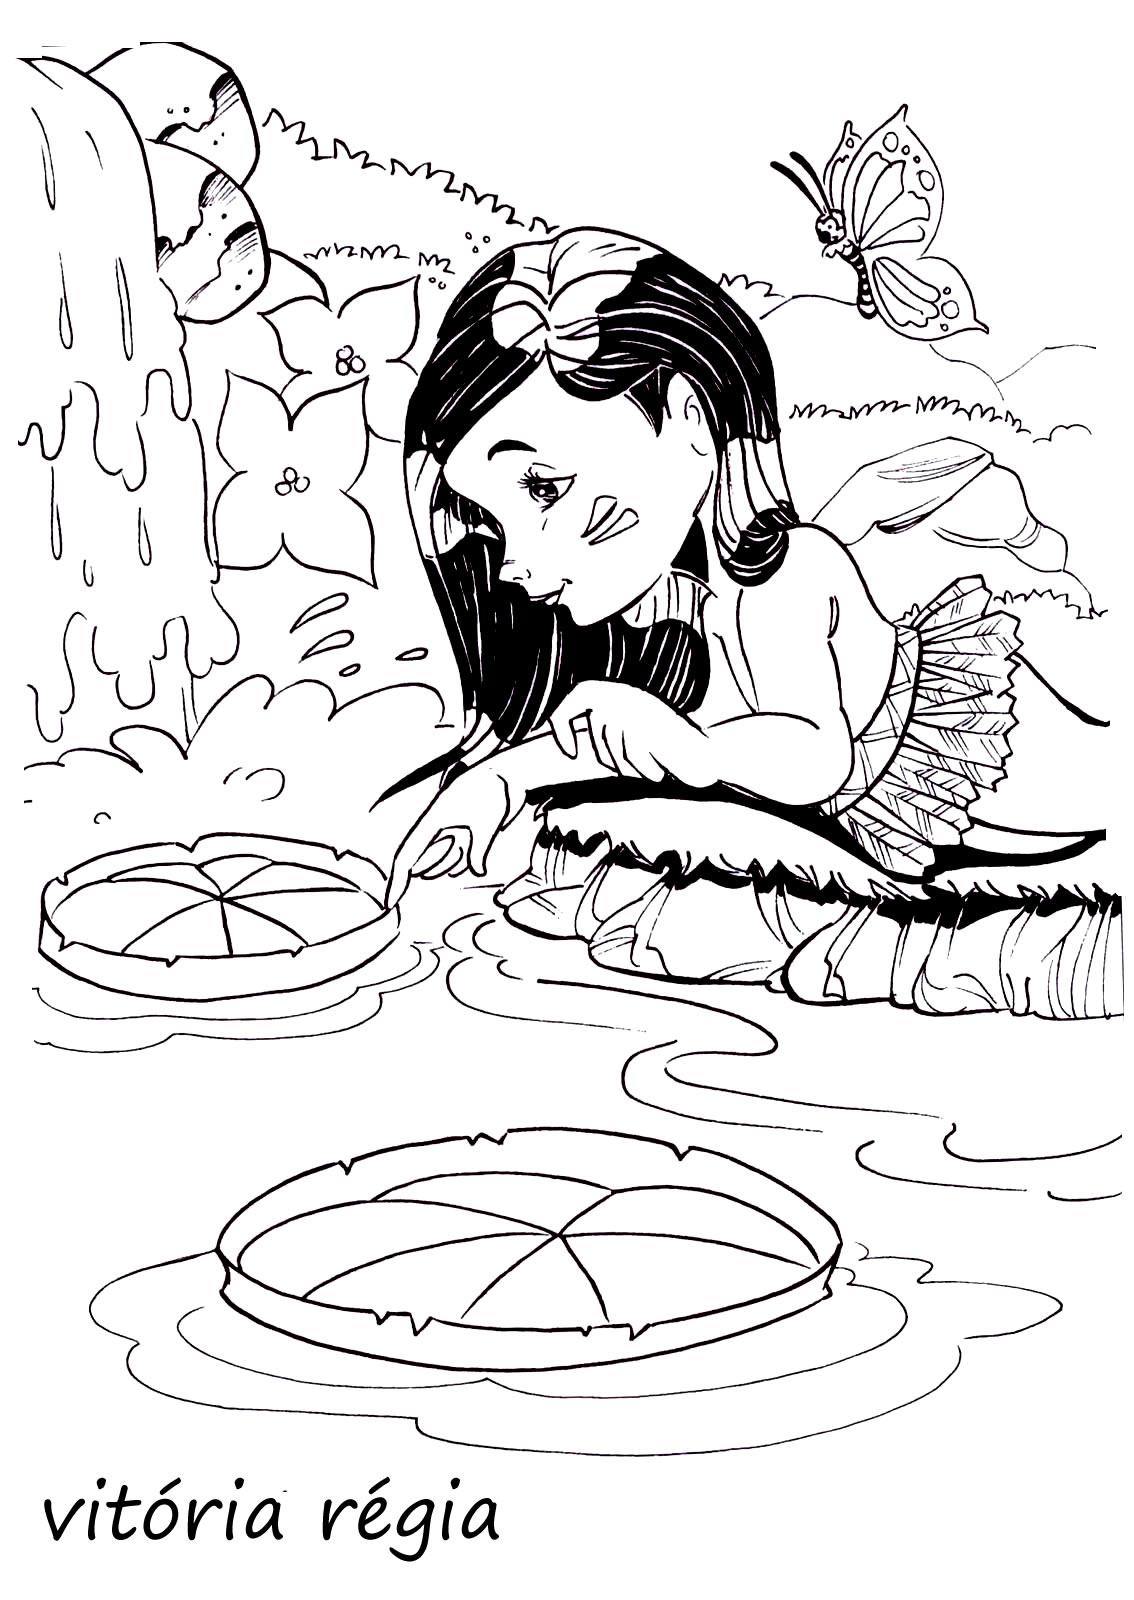 imagens sobre folclore personagens juntos para colorir